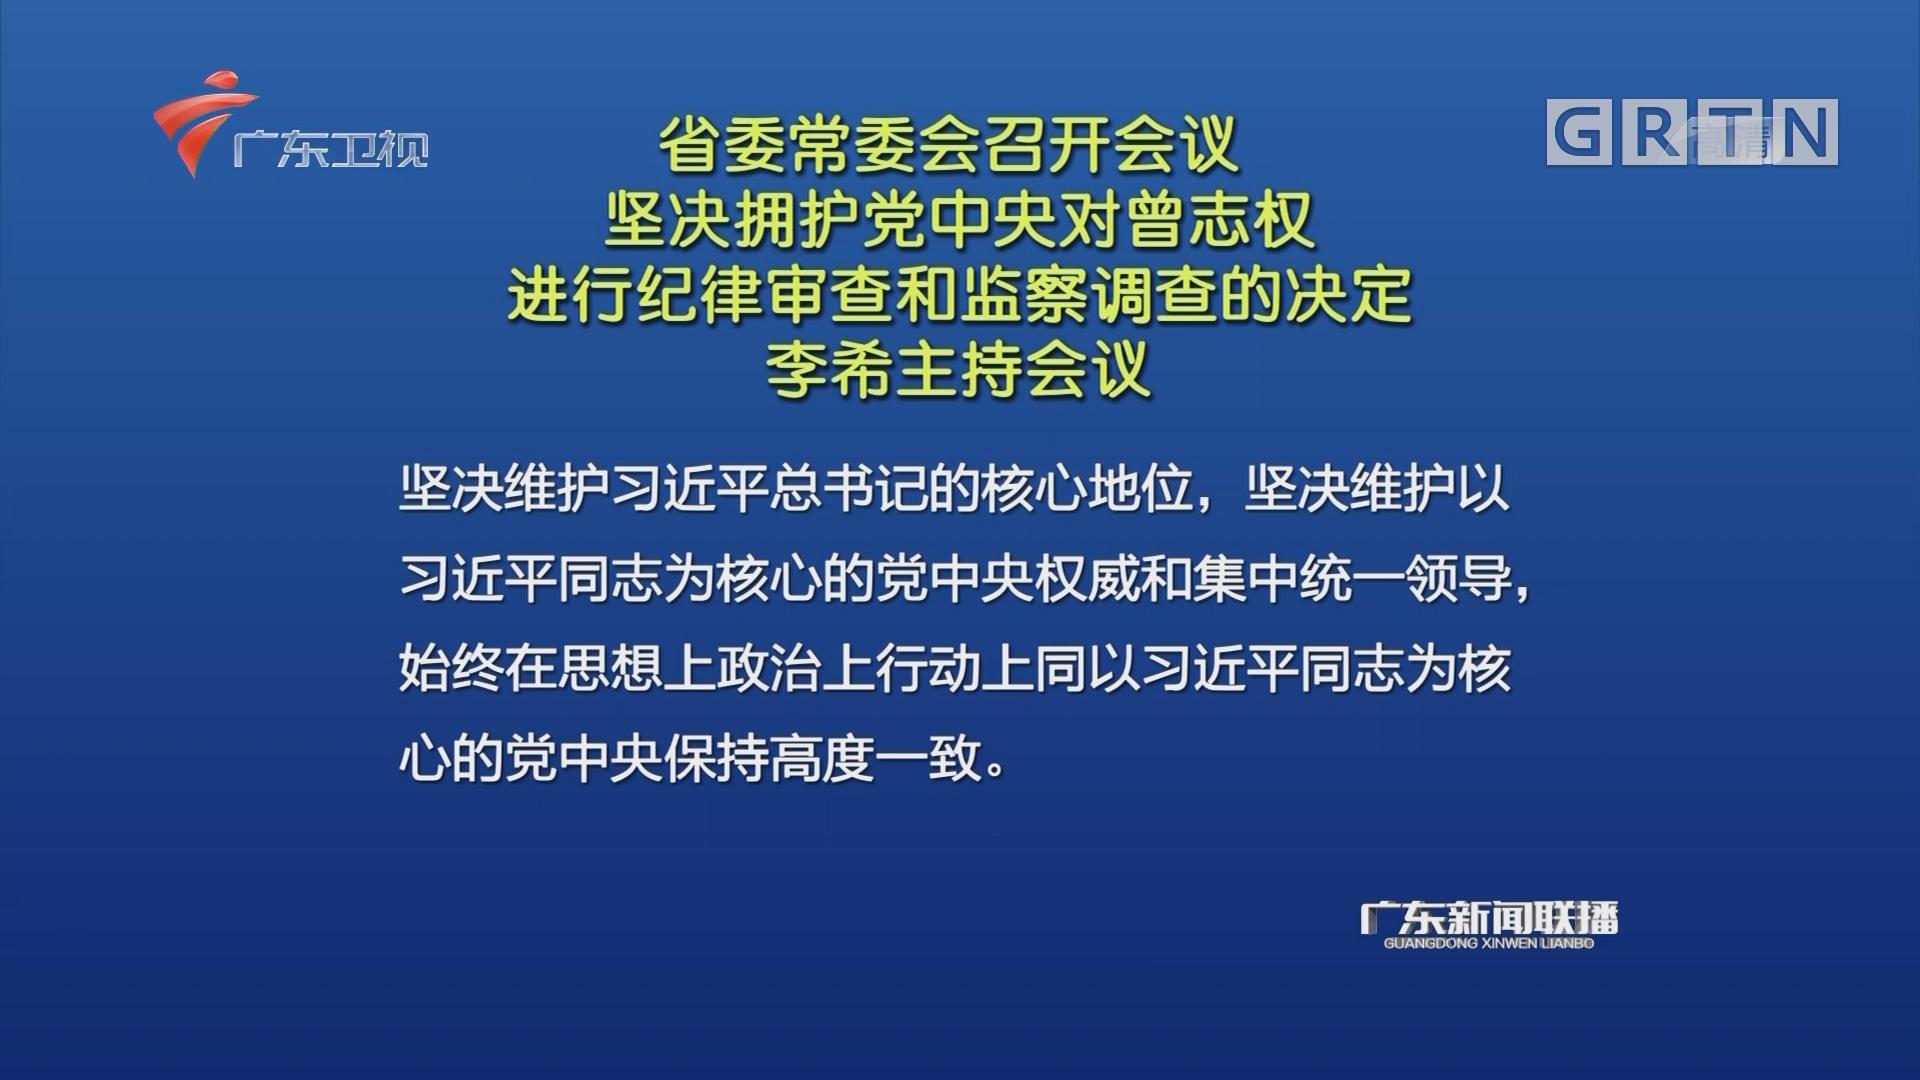 省委常委会召开会议 坚决拥护党中央对曾志权进行纪律审查和监察调查的决定 李希主持会议